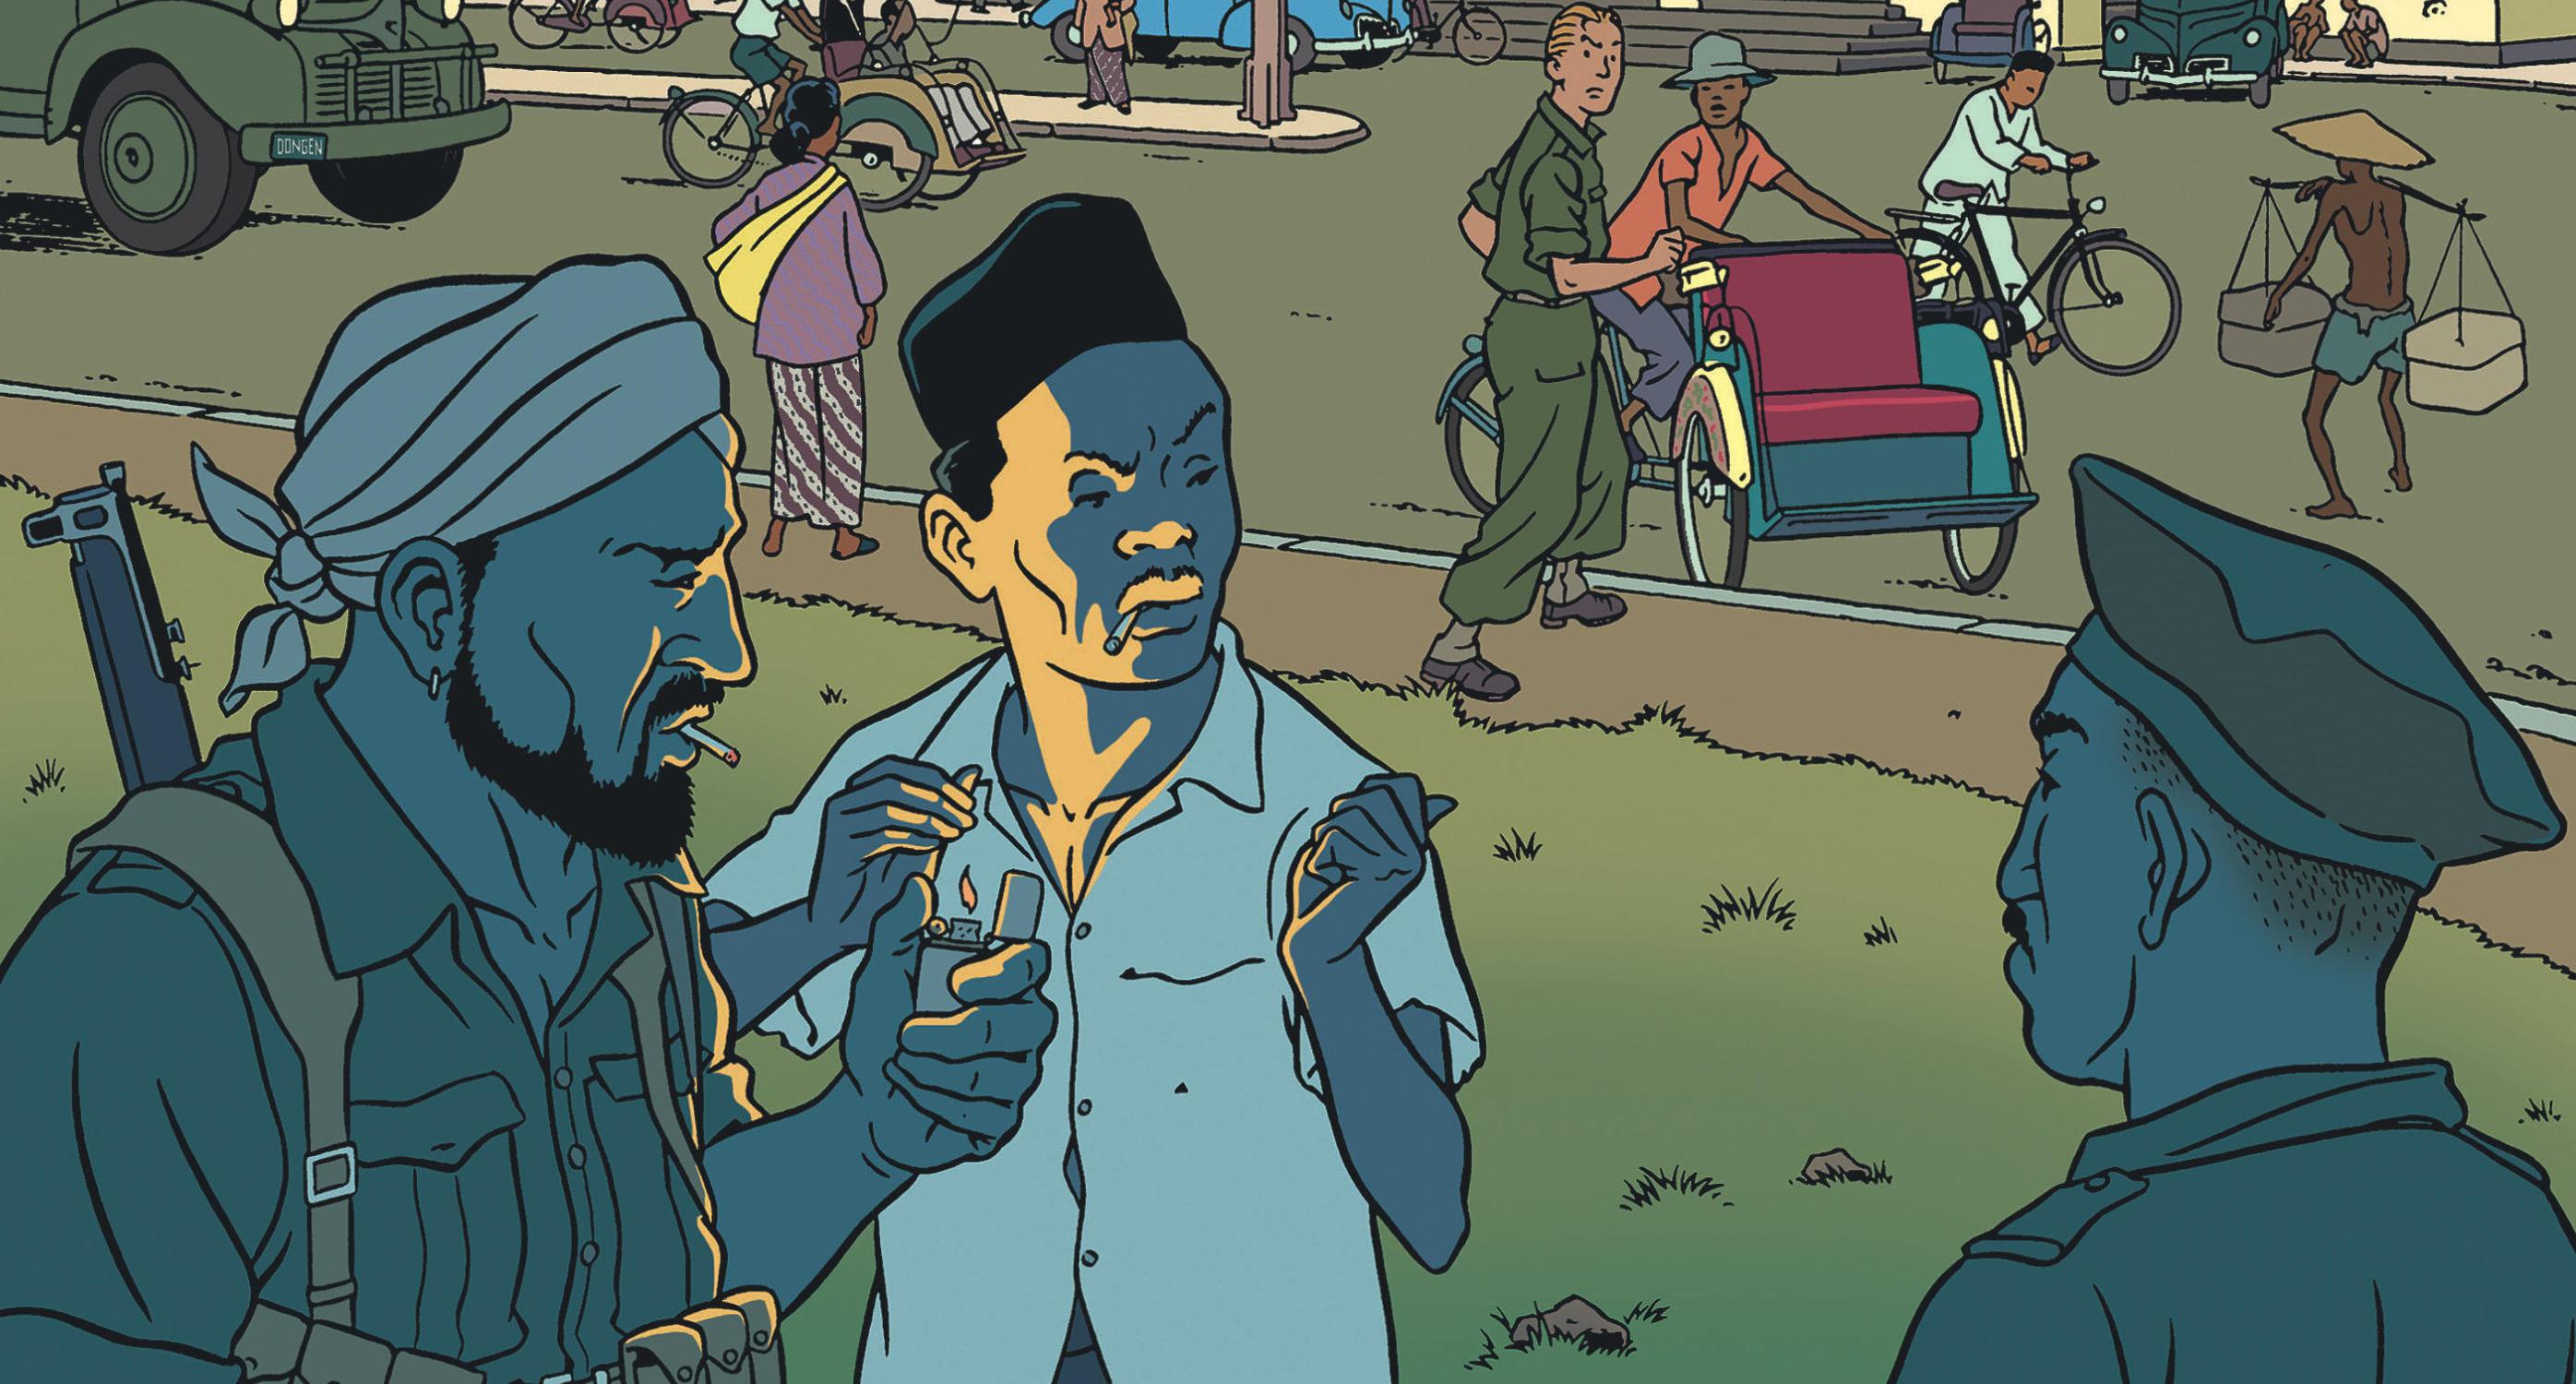 """Couverture de la bande dessinée """"Rampokan, scénario et dessin Peter Van Dongen, coll. Aire Libre, éditions Dupuis. (Copyright : Dupuis)"""